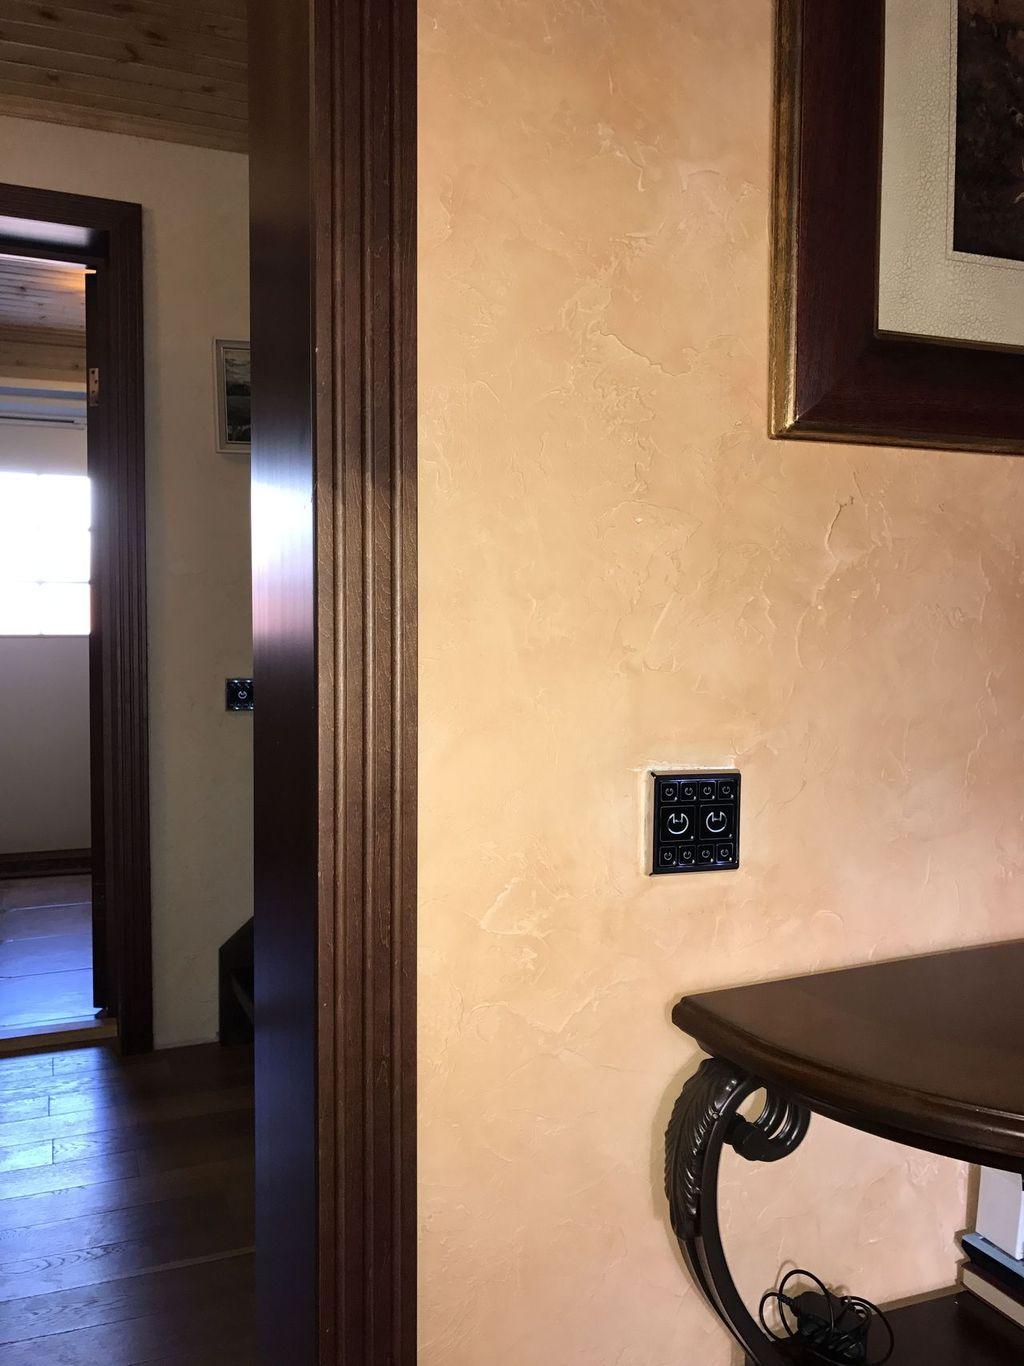 Современный умный сенсорный выключатель света в классическом интерьере с венецианской штукатуркой